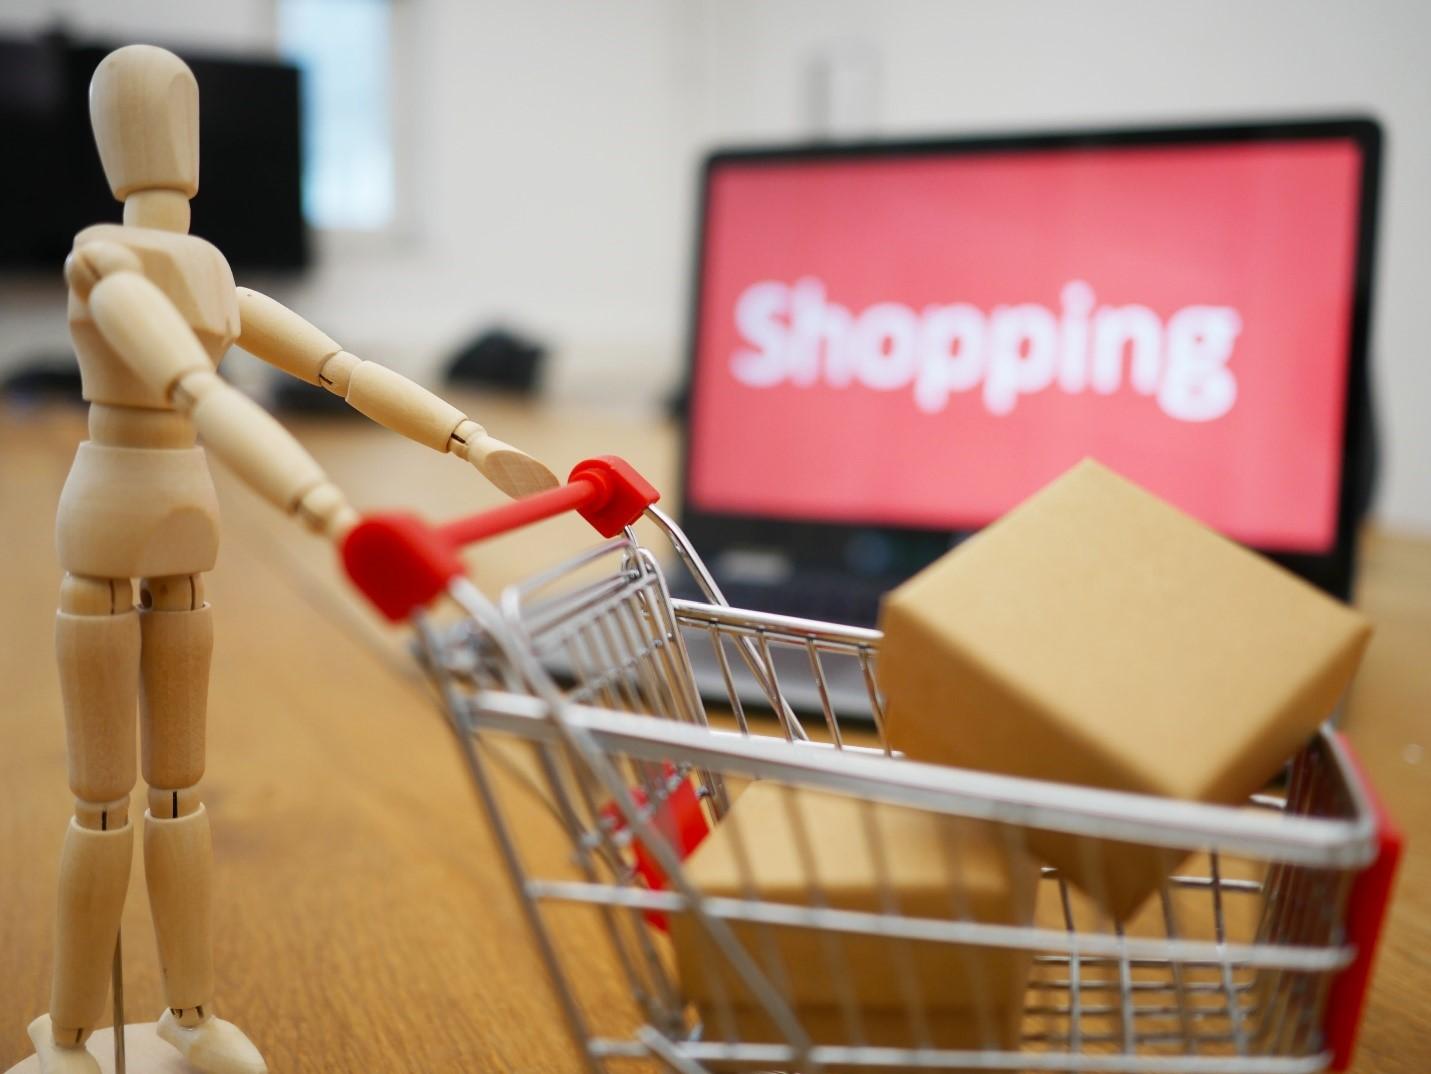 SUPERBOX.lk: Sri Lanka's first end-to-end fully-integrated online supermarket